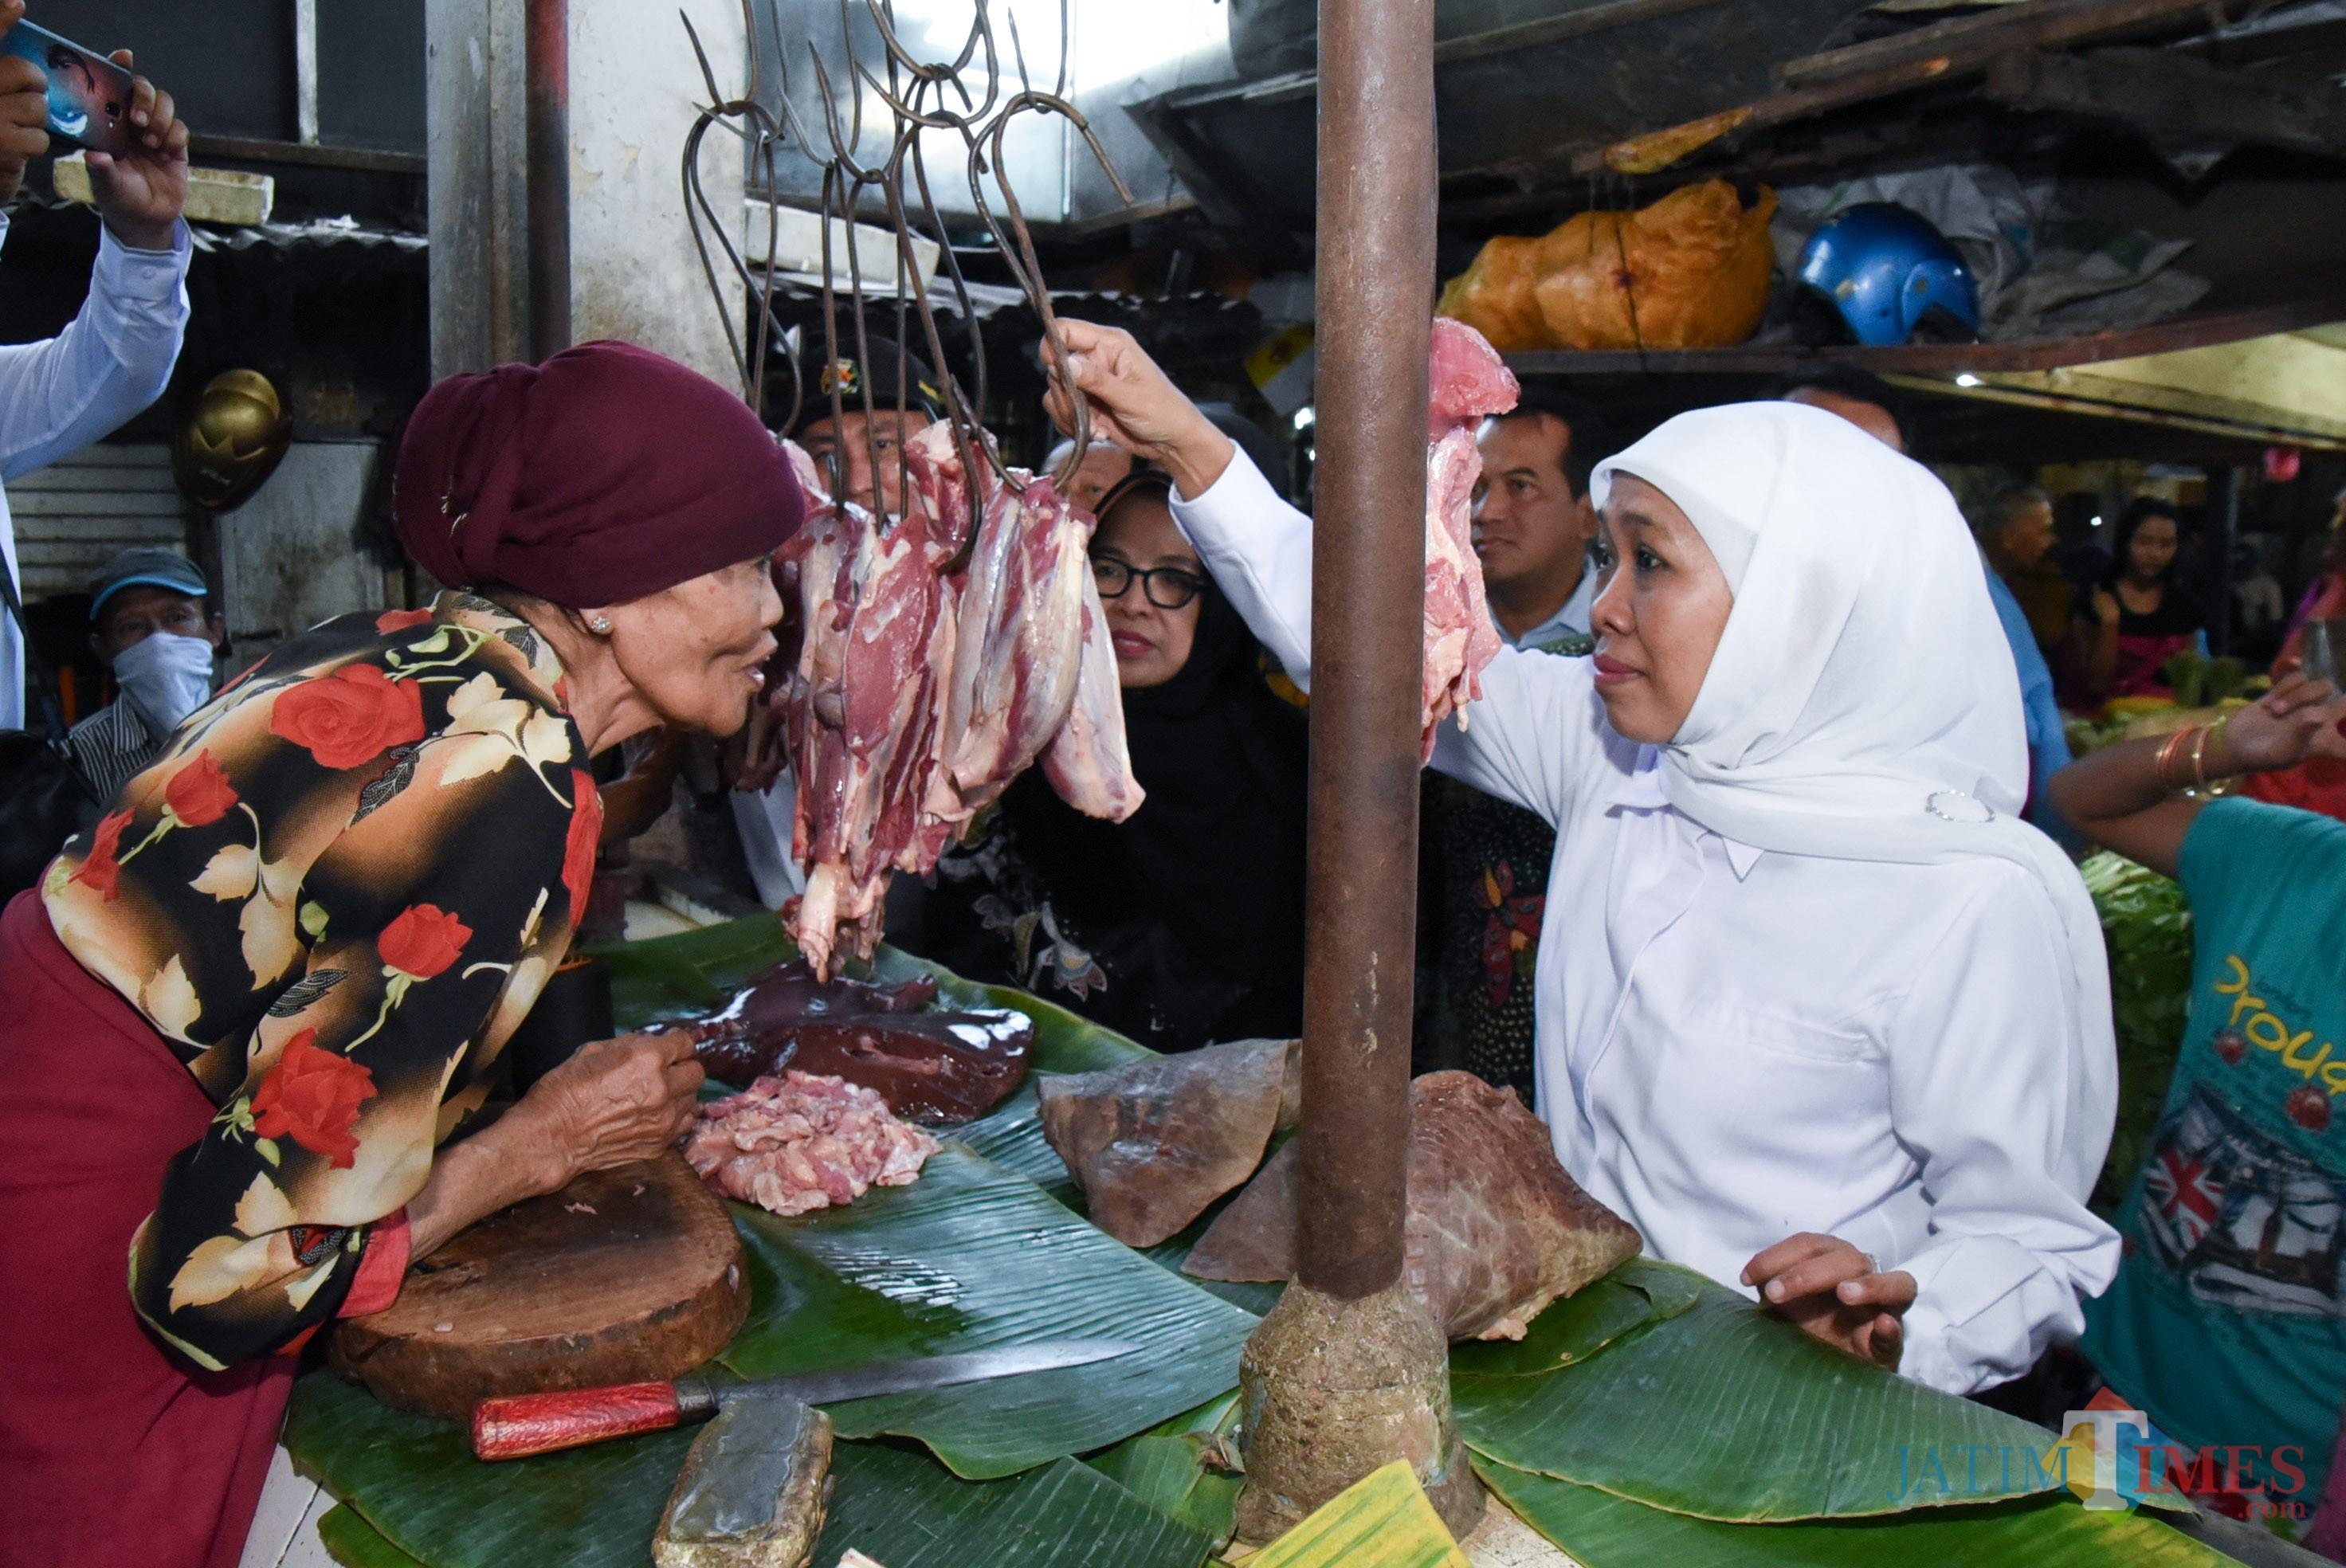 Gubernur Jatim Khofifah ketika sidak di Pasar Pucang, Surabaya